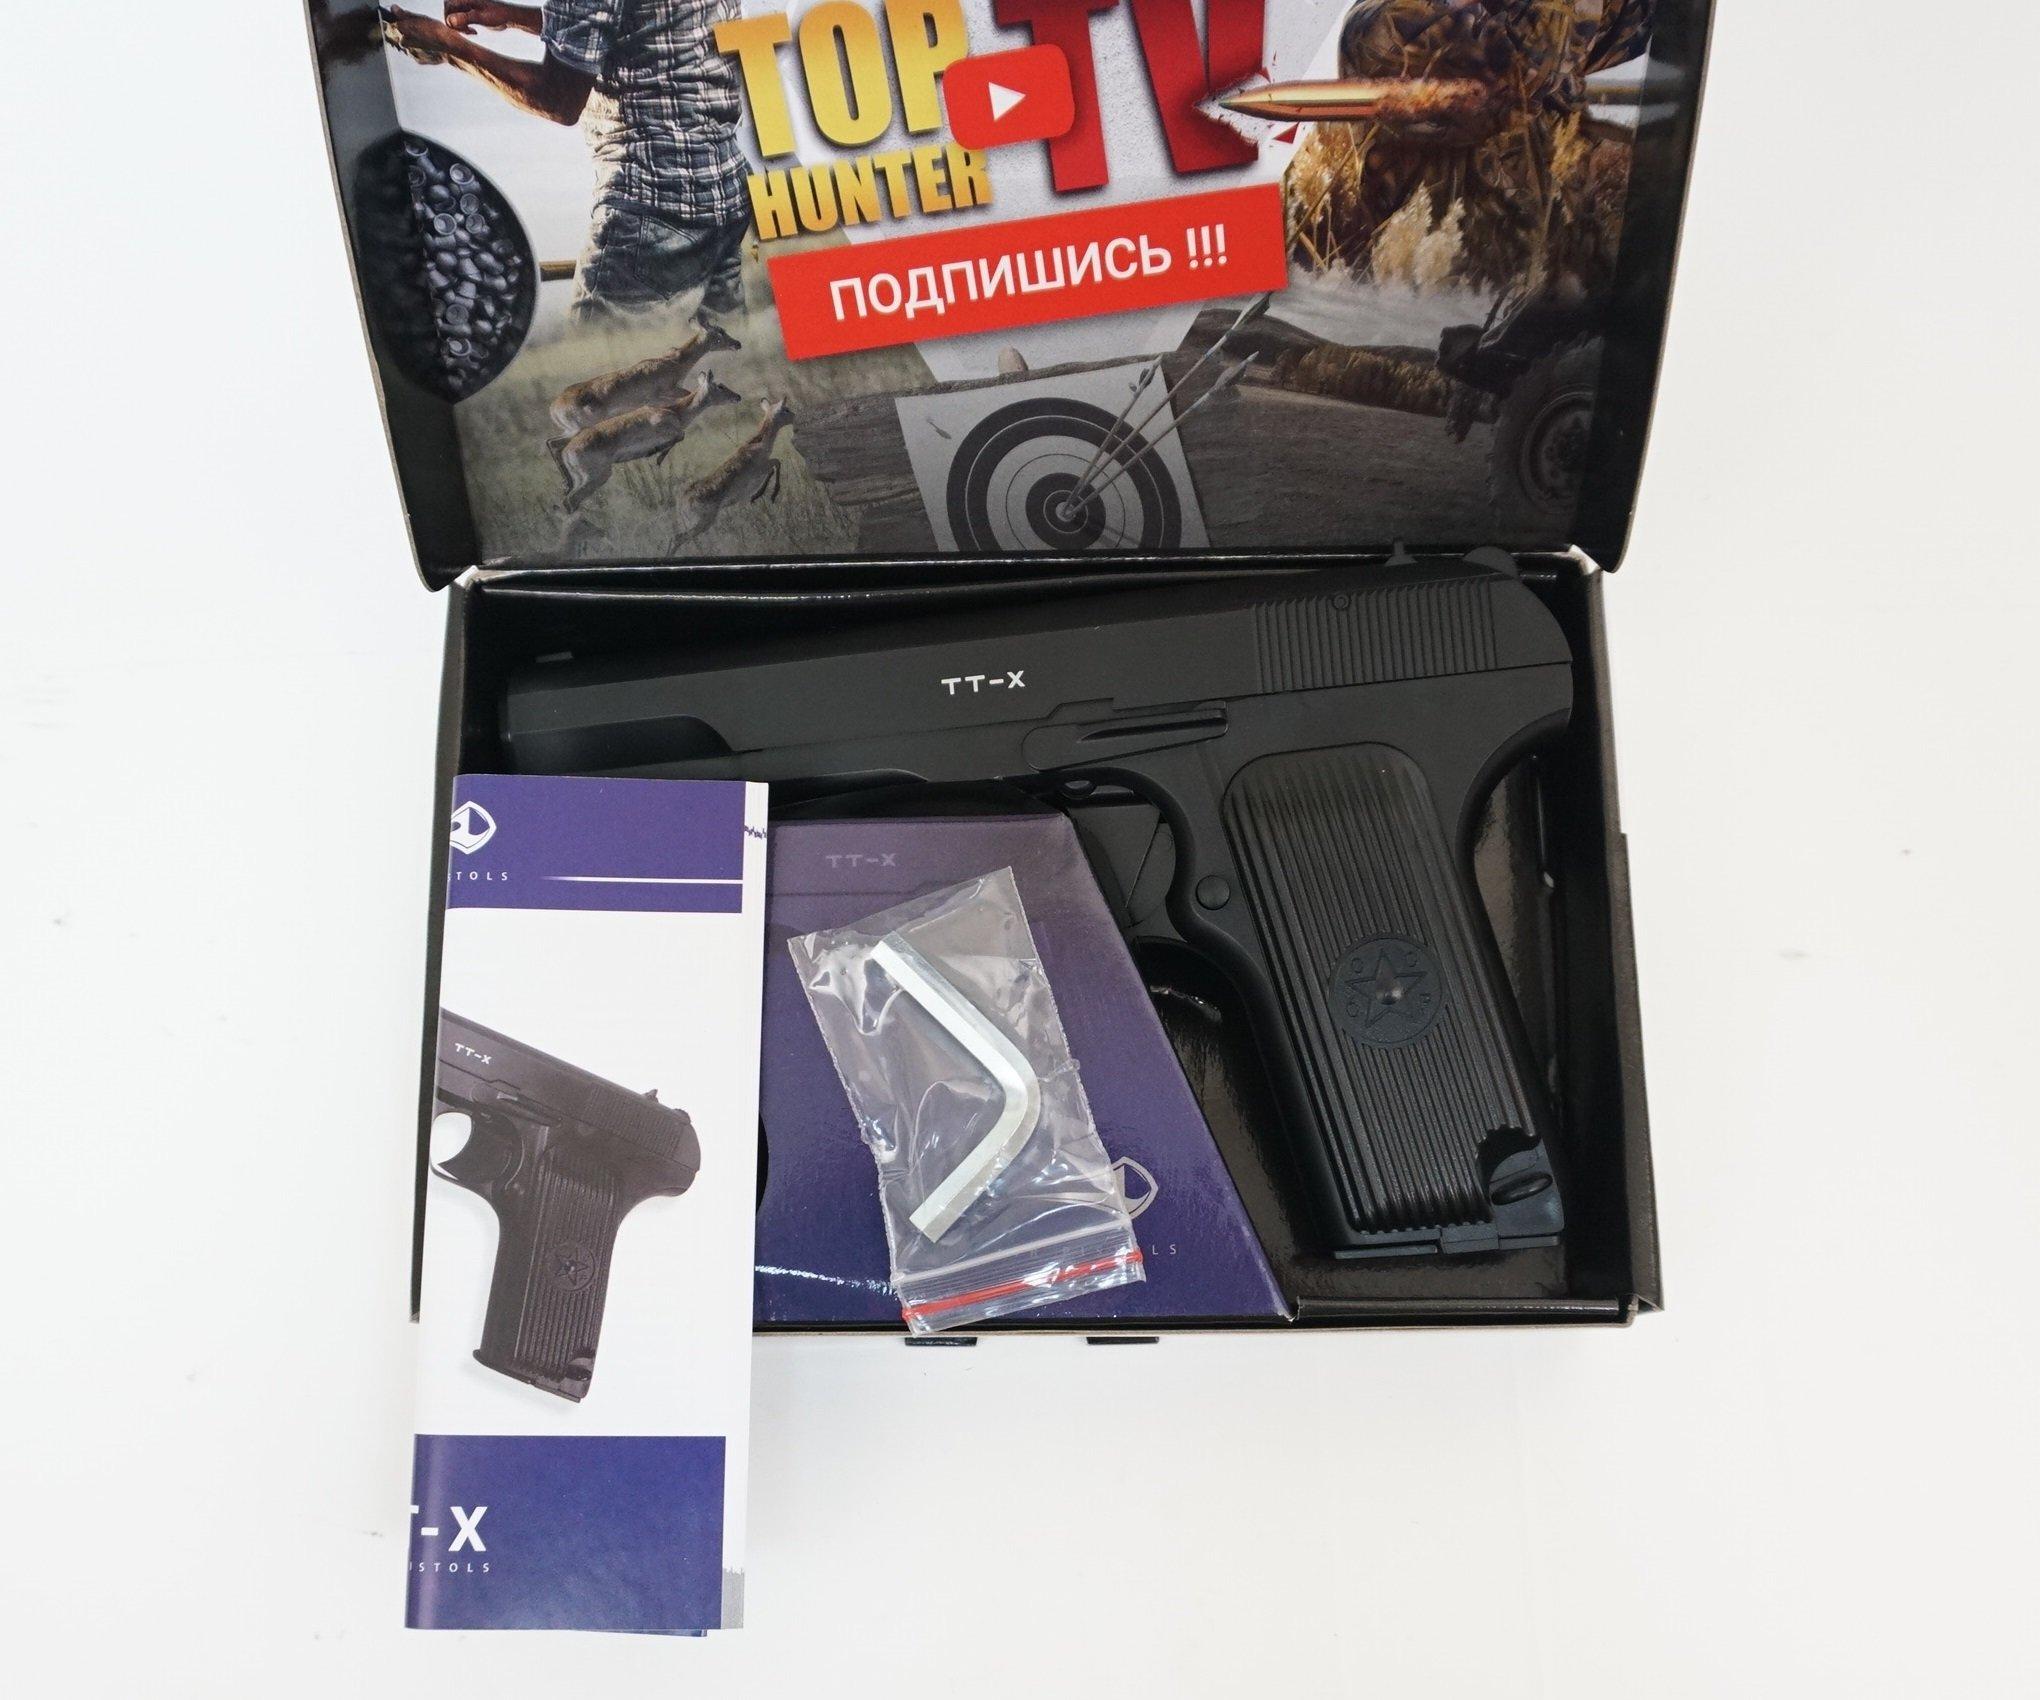 Пневматический пистолет Borner TT-X  - купить с доставкой по России